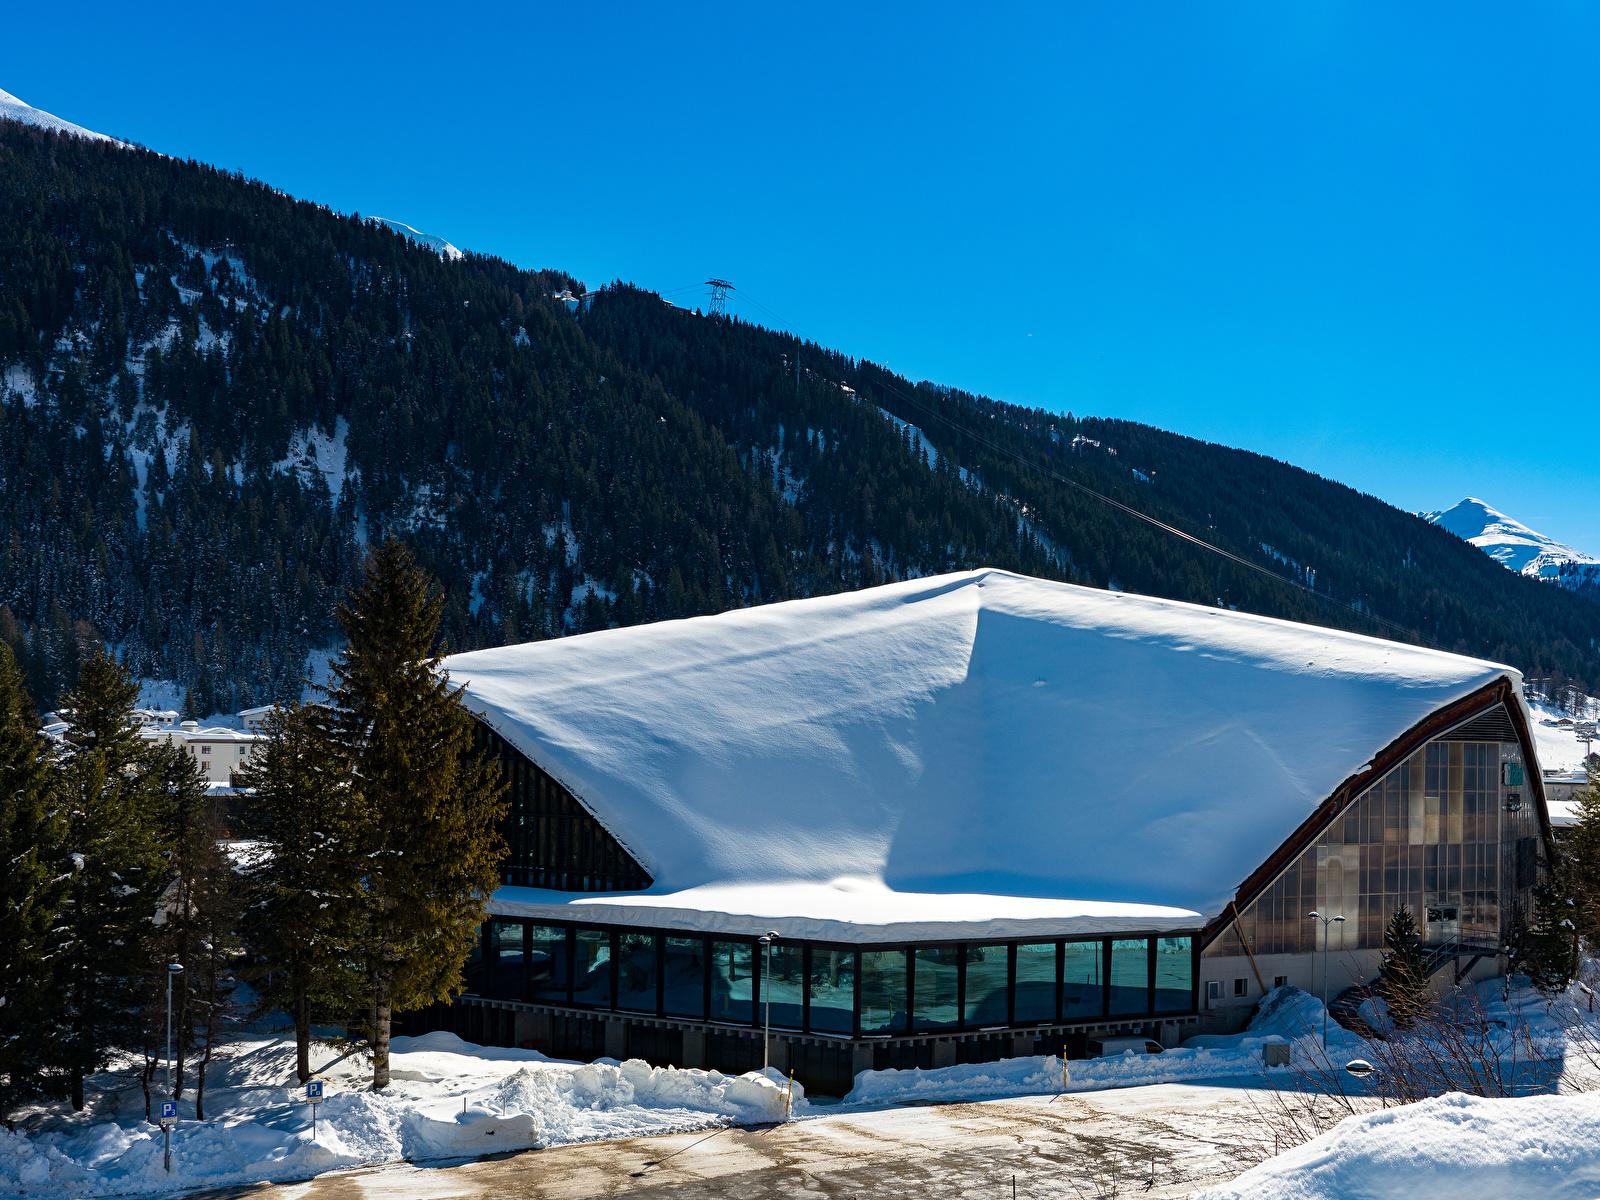 Картинка Швейцария Davos гора зимние снегу город Здания 1600x1200 Горы Зима Снег снеге снега Дома Города